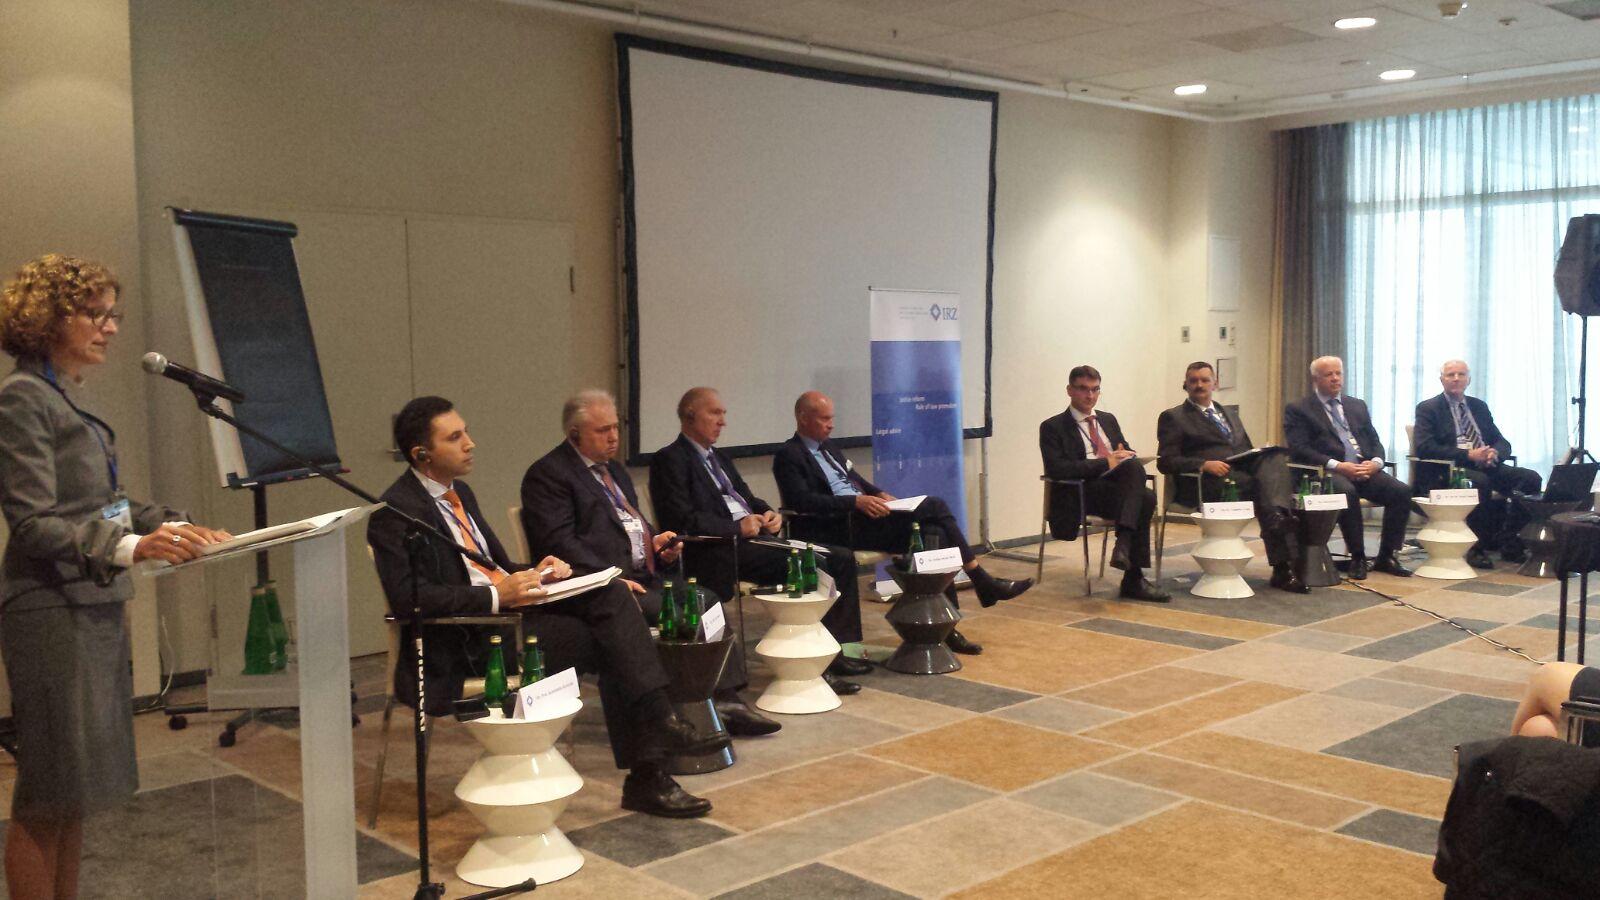 """Nga 19 deri me 30 shtator 2016, Organizata për Sigurinë dhe Bashkëpunimin në Evropë (OSBE), organizon konferencën vjetore me titull """"Implementimi i Dimensionit Njerëzor në hapsirën e OSBE"""""""